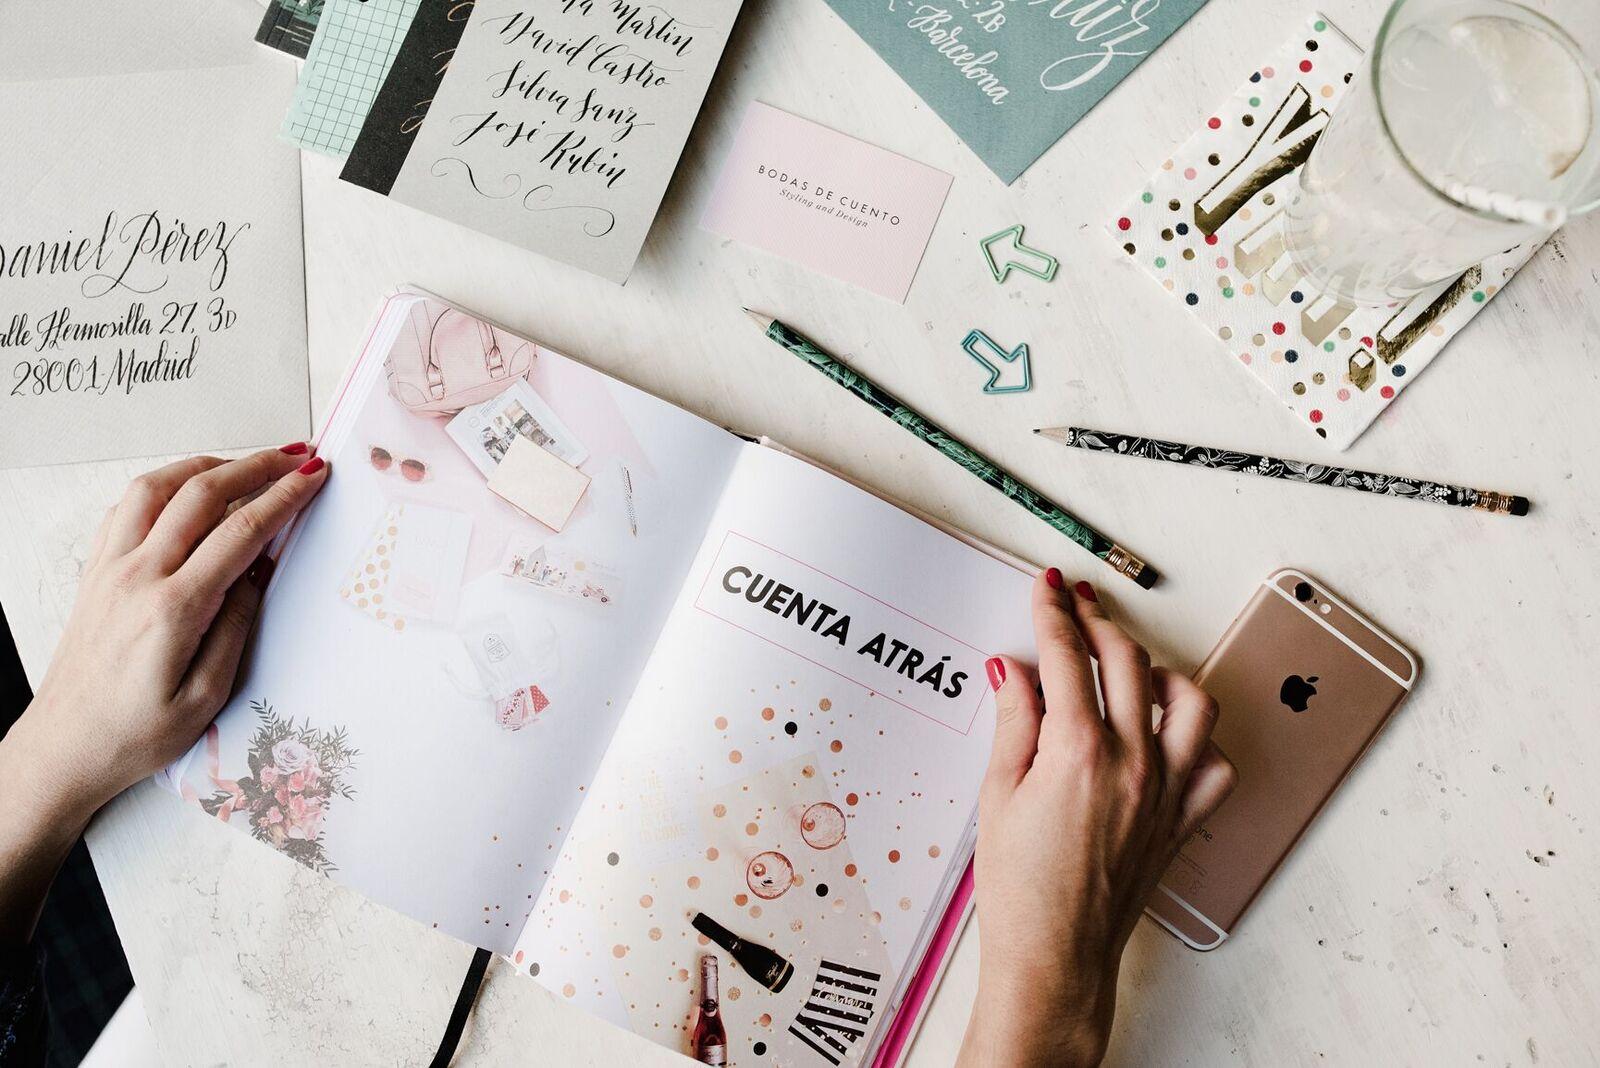 La agenda perfecta para tu boda - Agenda Boda